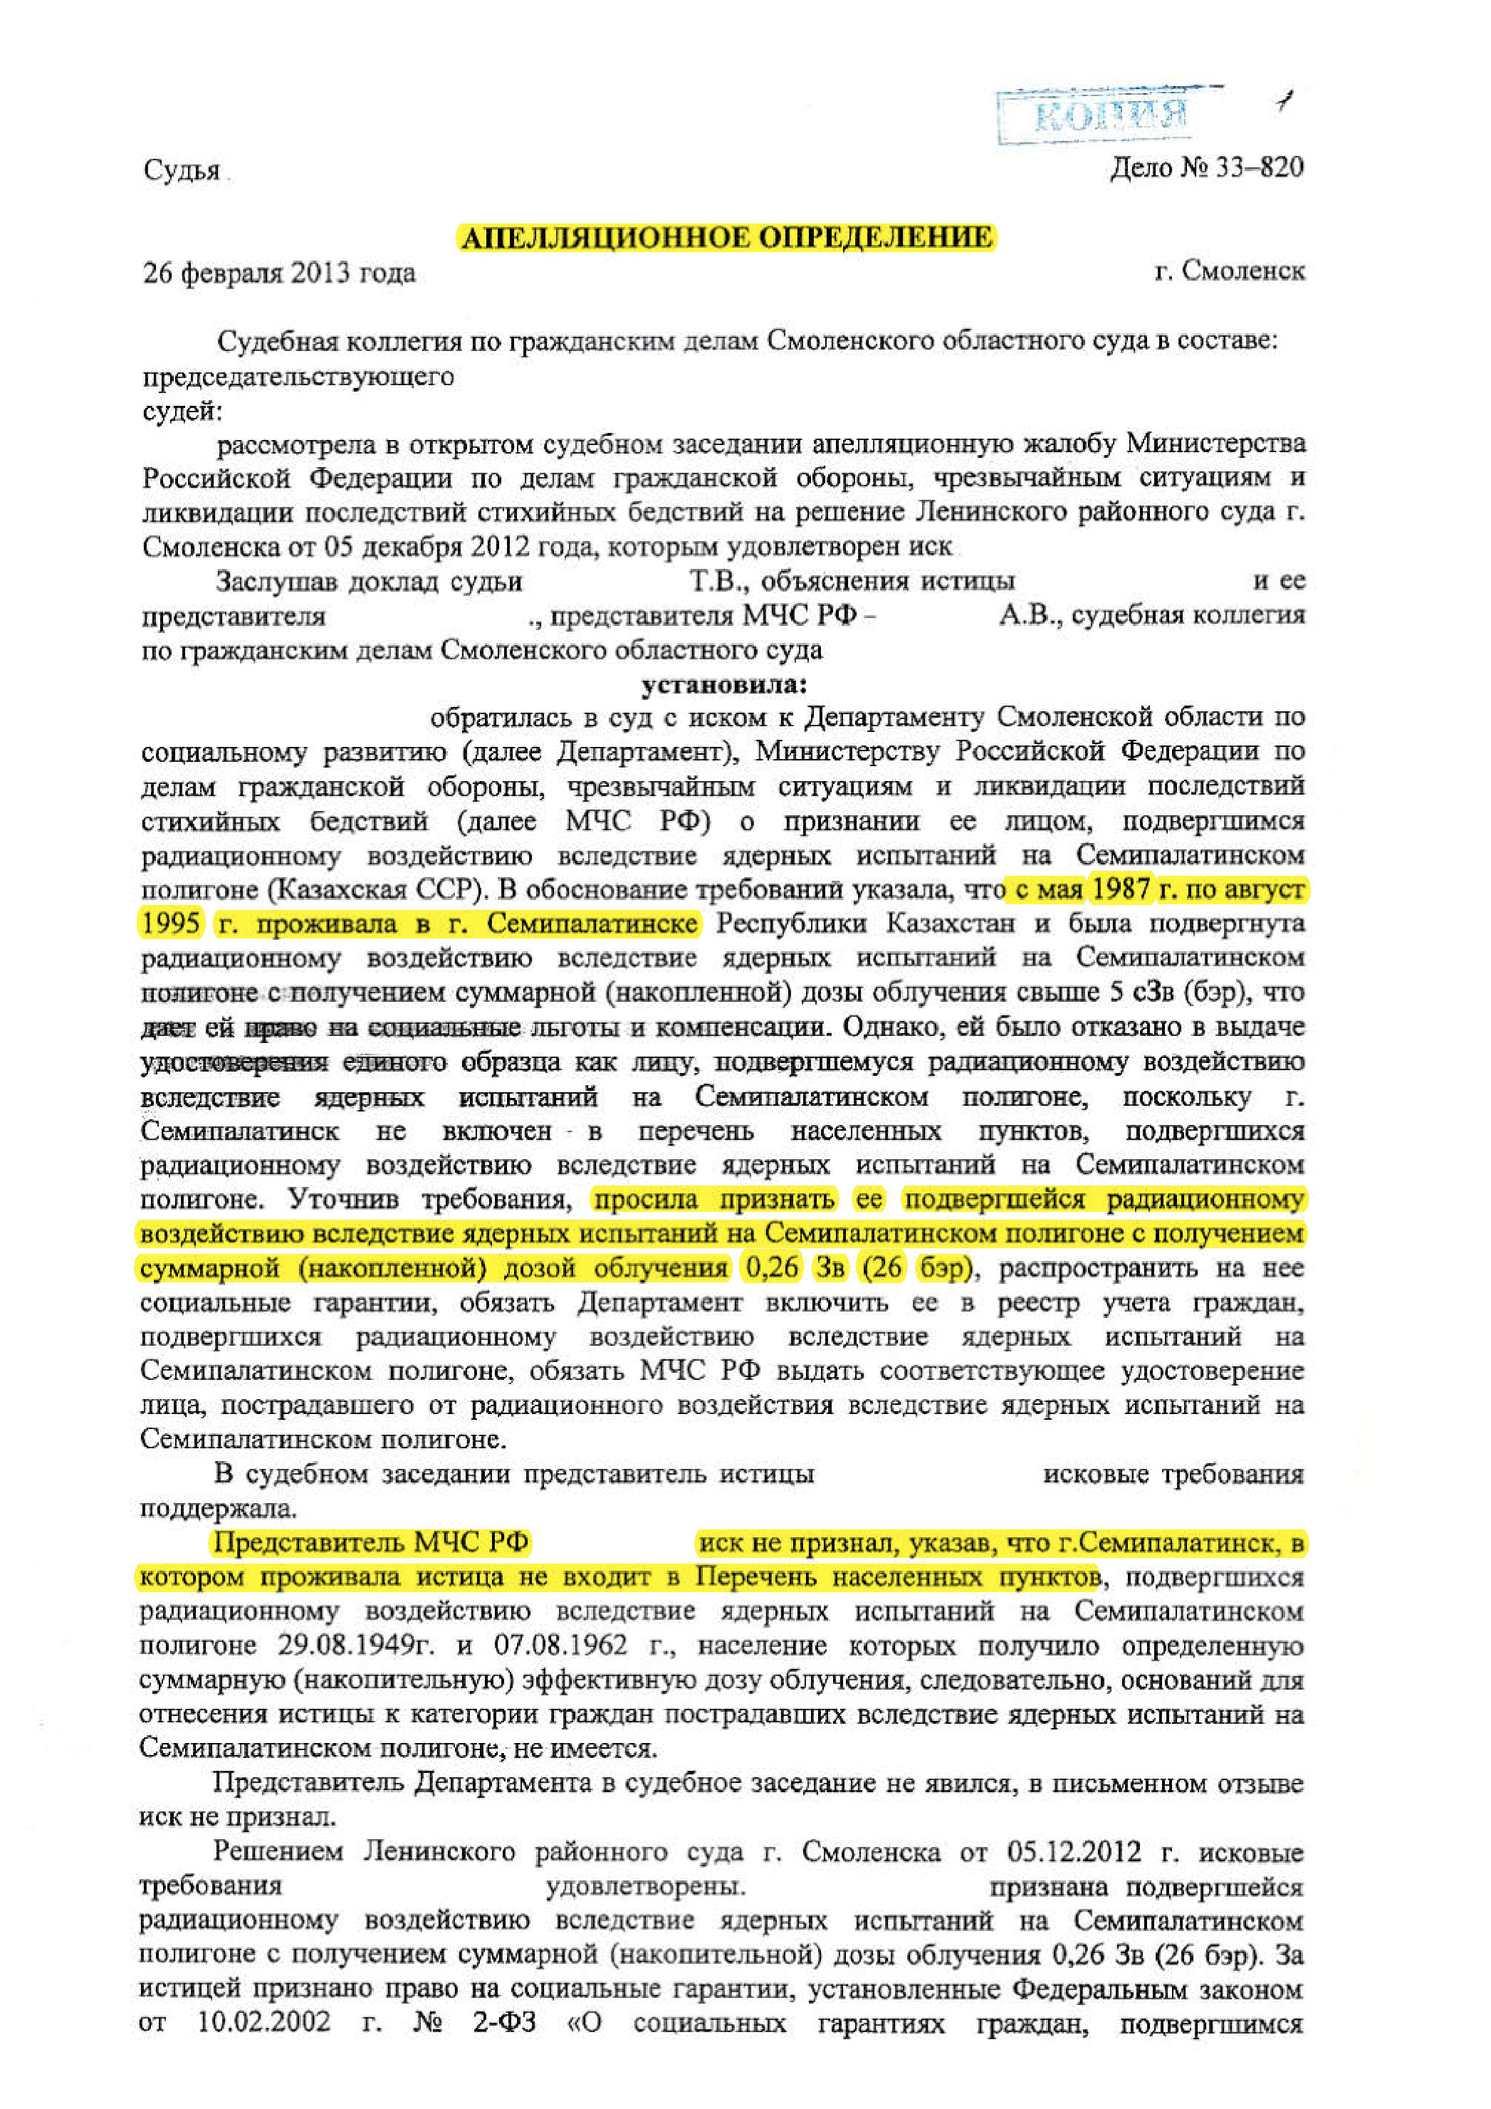 апелляционное определение смоленского областного суда